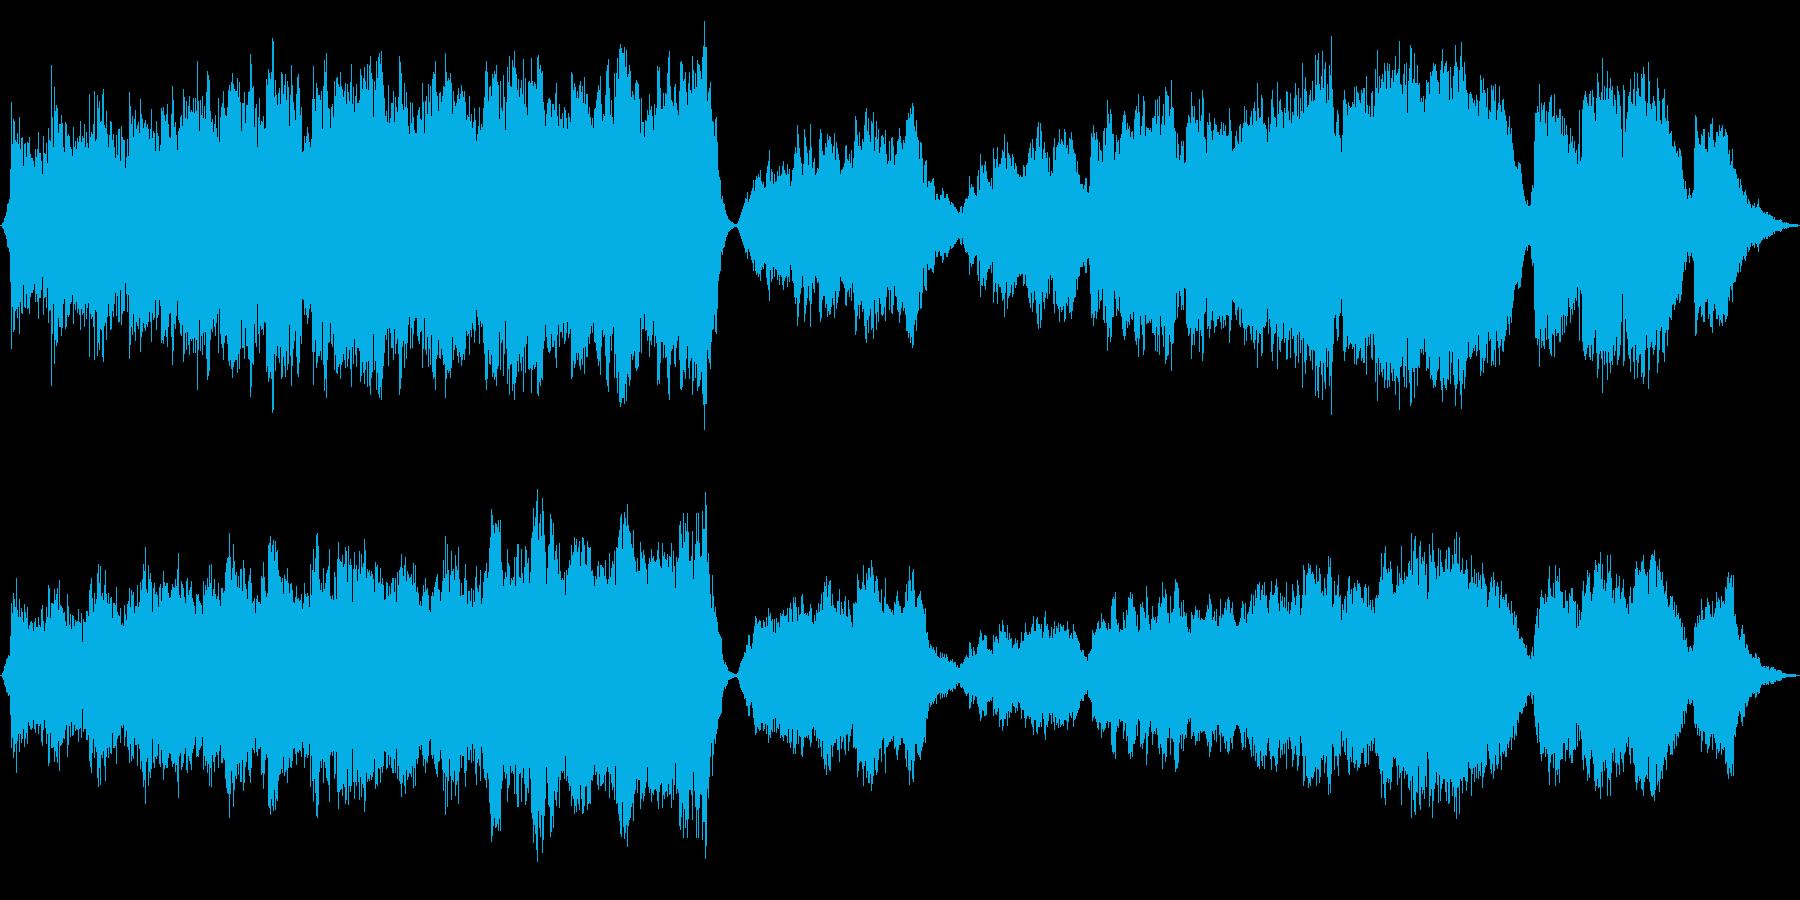 ドラマチックなニューエイジオーケストラの再生済みの波形